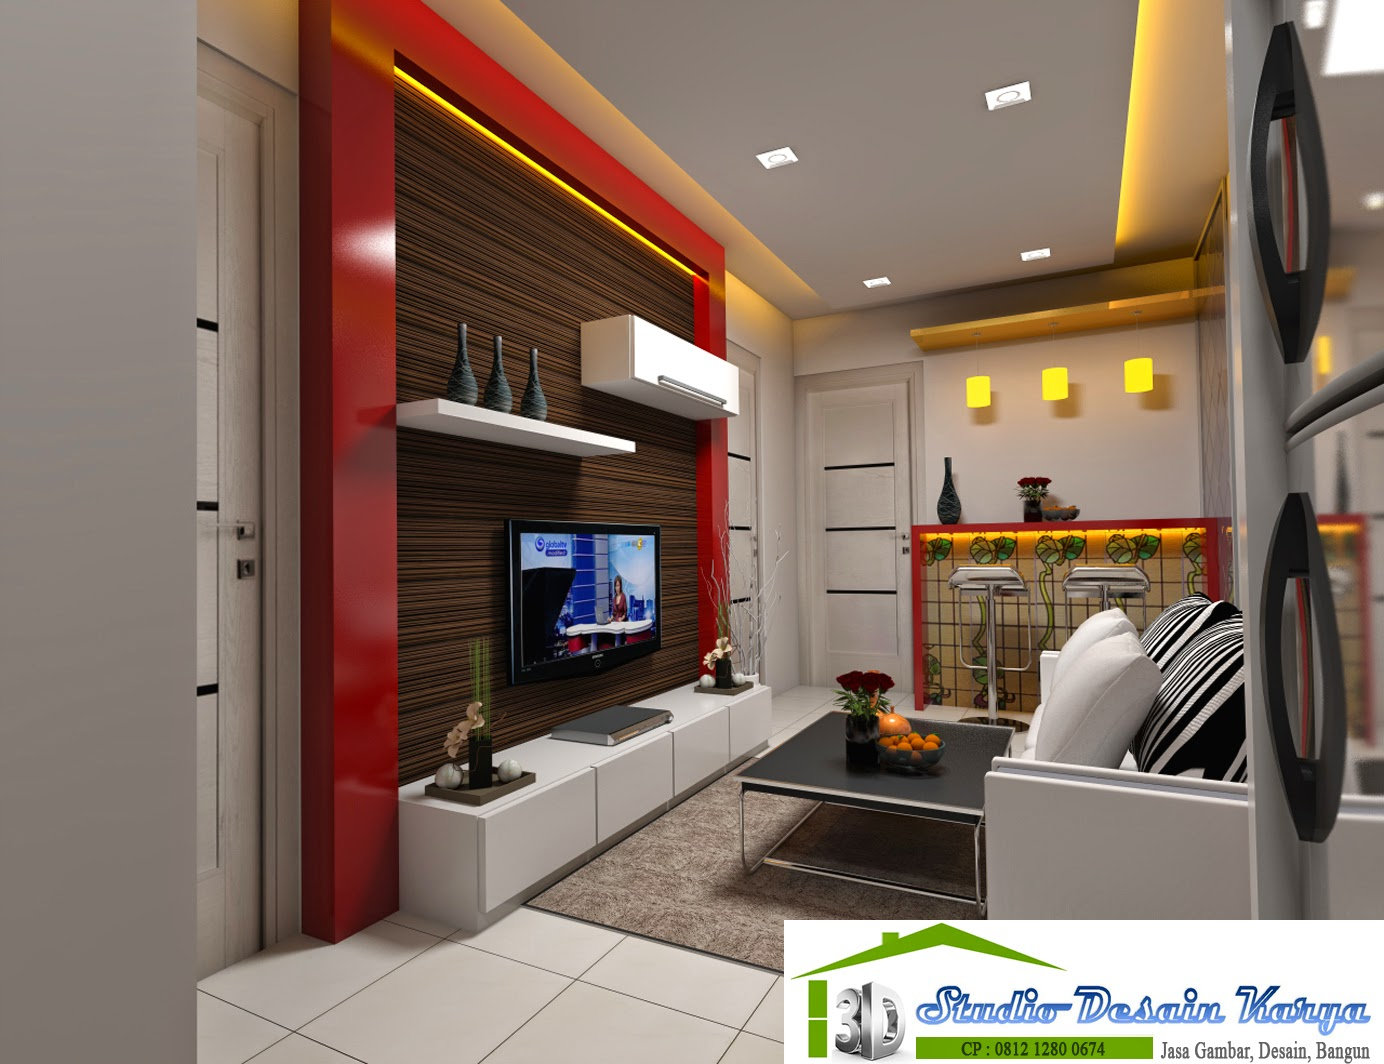 Desain Apartemen 2 Bedroom Gambar Desain Rumah Minimalis